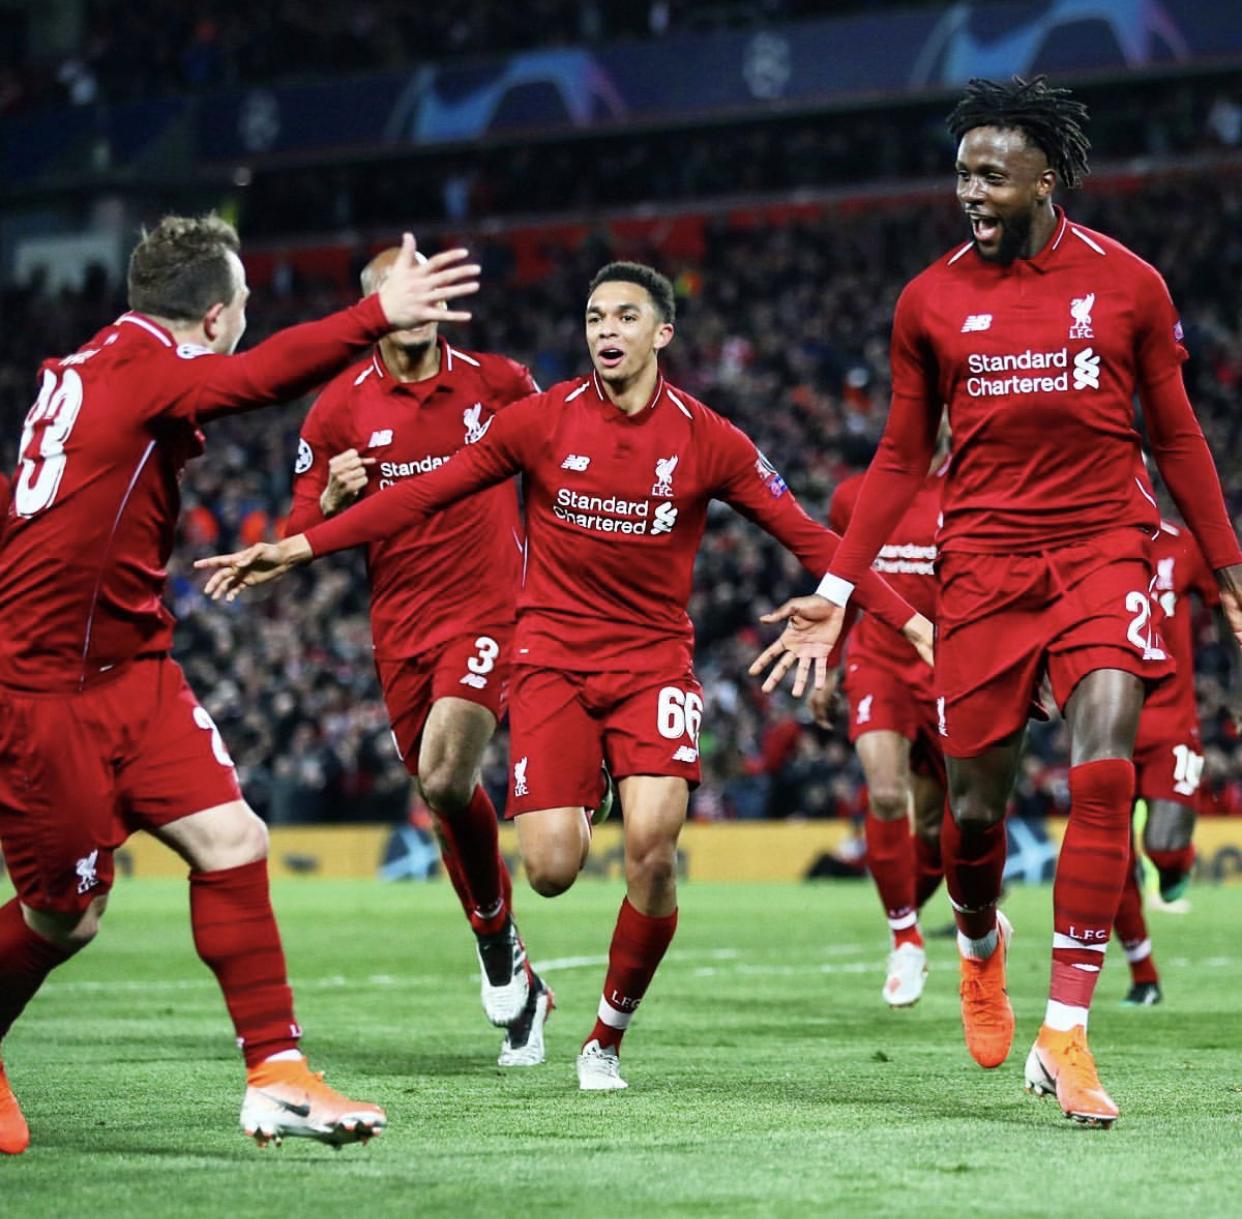 """Liverpool réussi le """"come-back"""" devant le Barça battu 4-0 et se qualifie en finale !"""